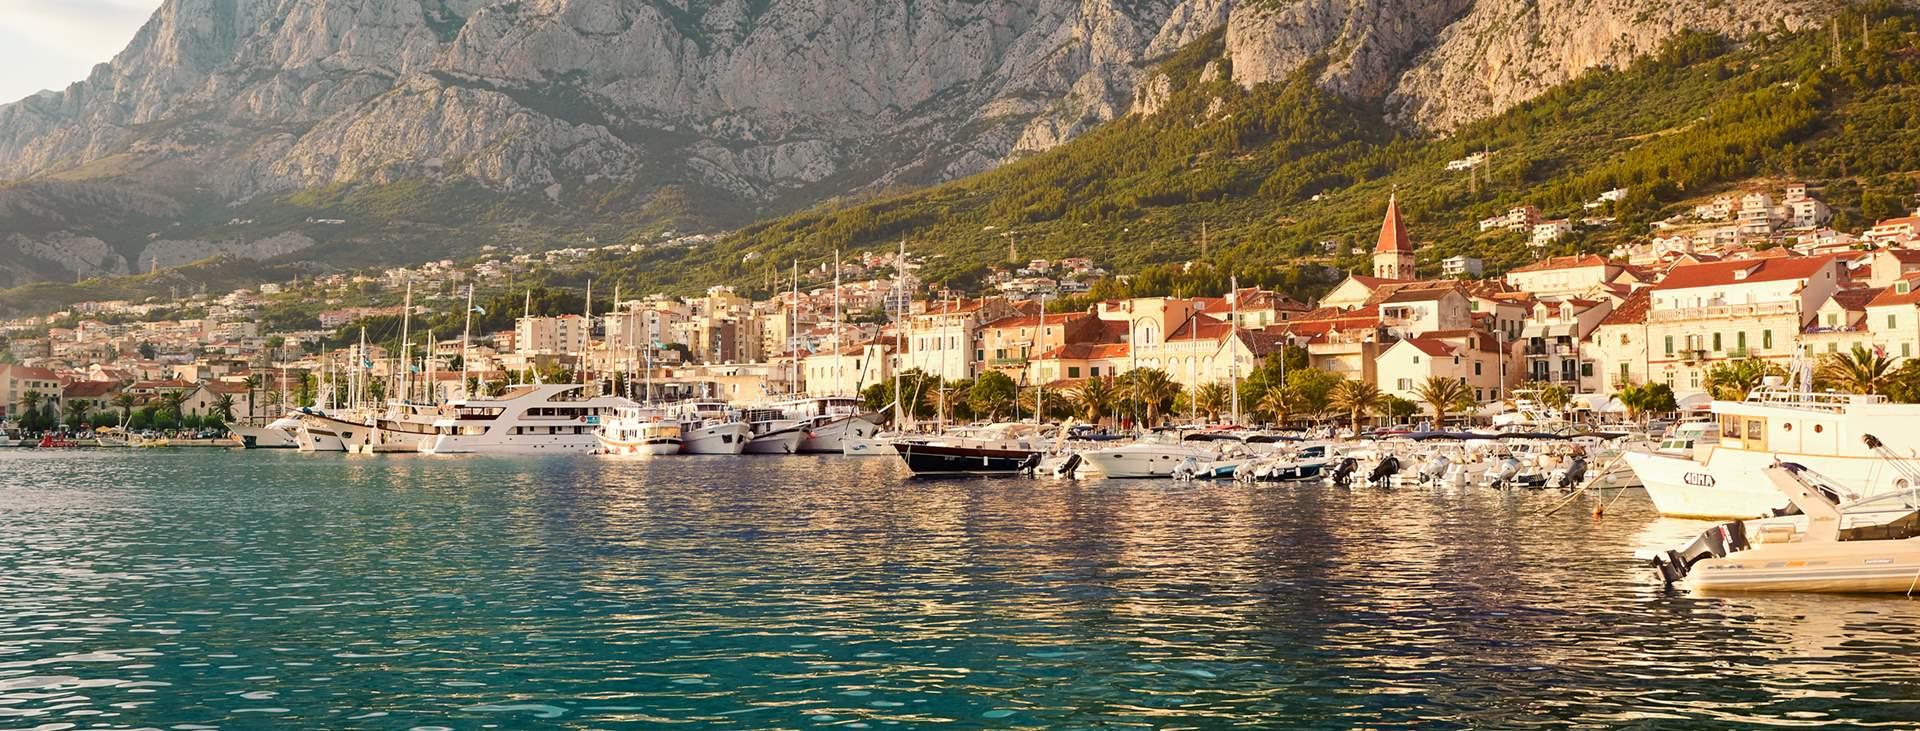 Bestill en reise med fly og hotell til Kroatia